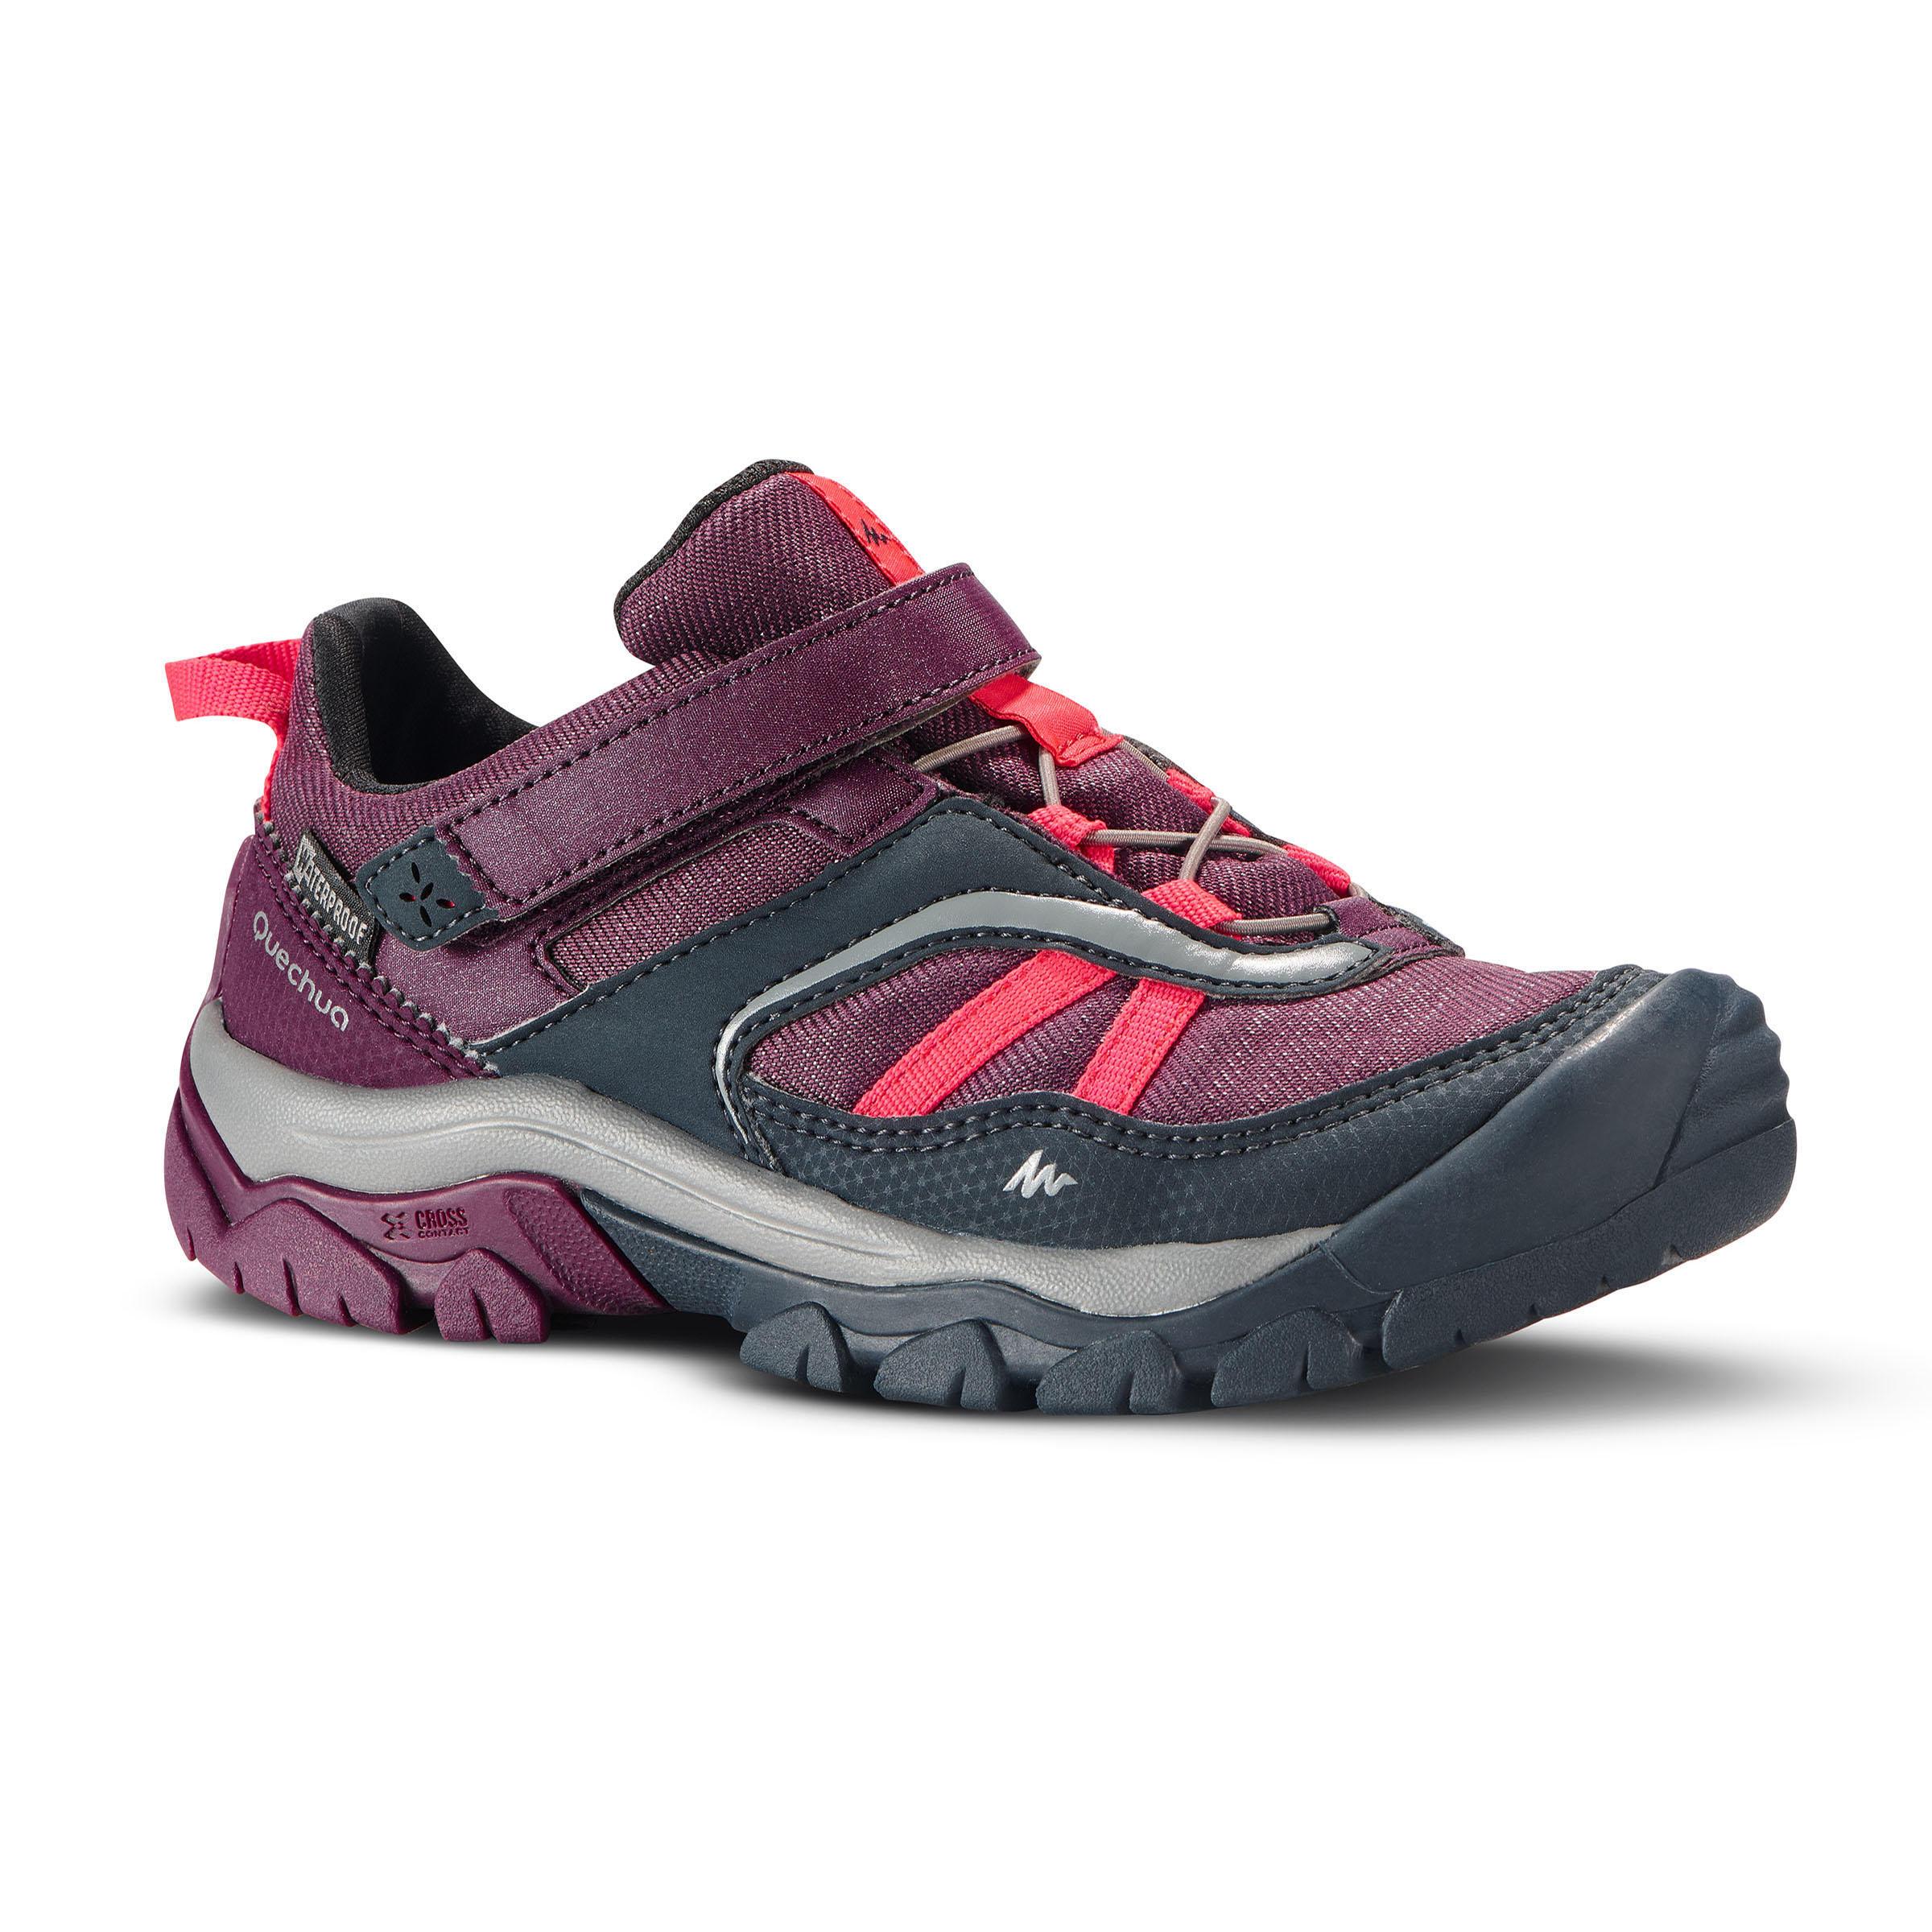 8091a424014 Comprar calzado deportivo para niños y bebés online